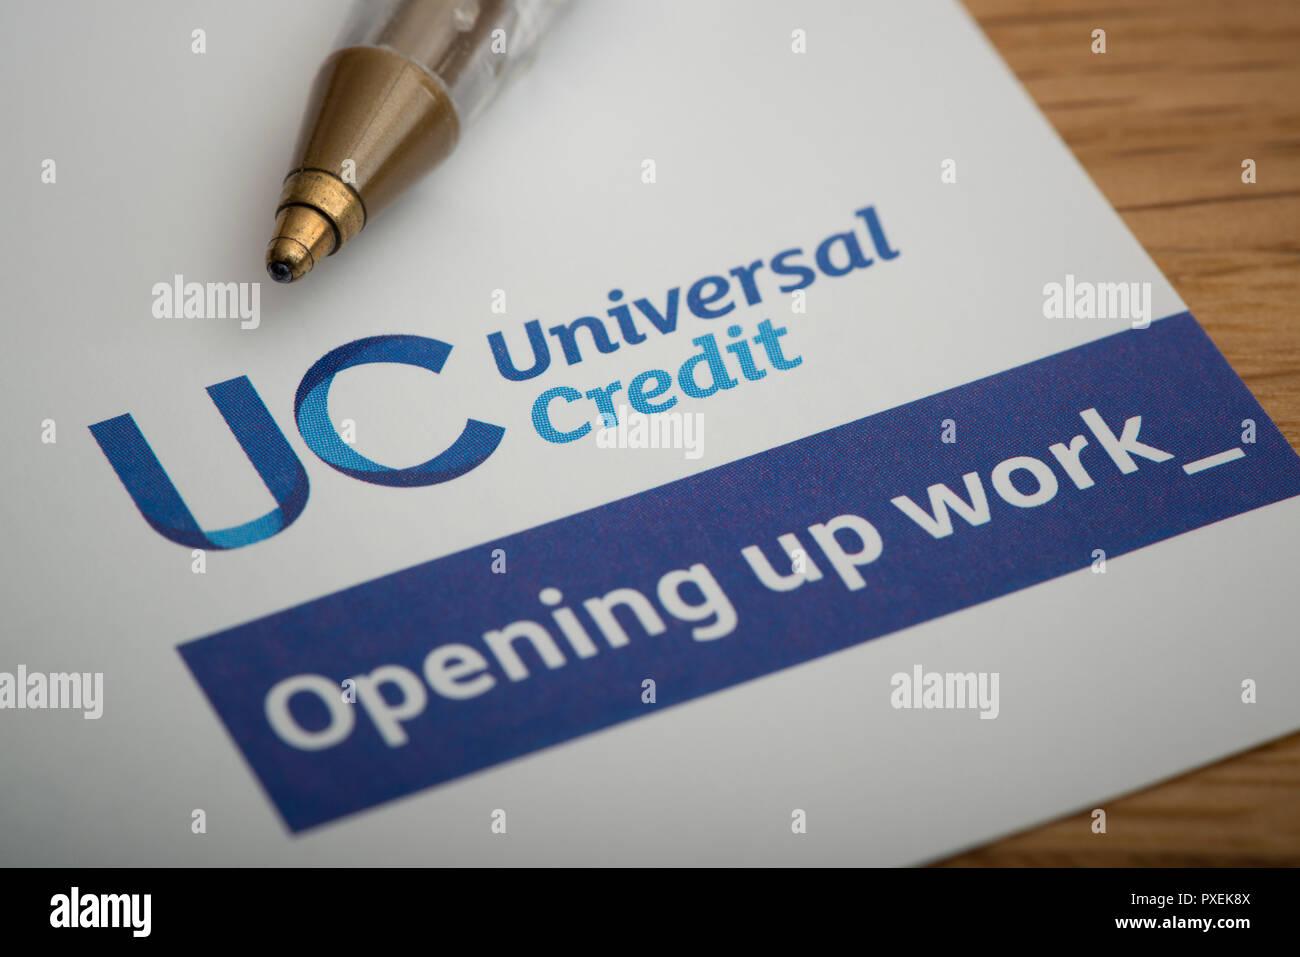 Un morceau de papier avec le logo crédit universel, repose sur une table avec un stylo. Photo Stock